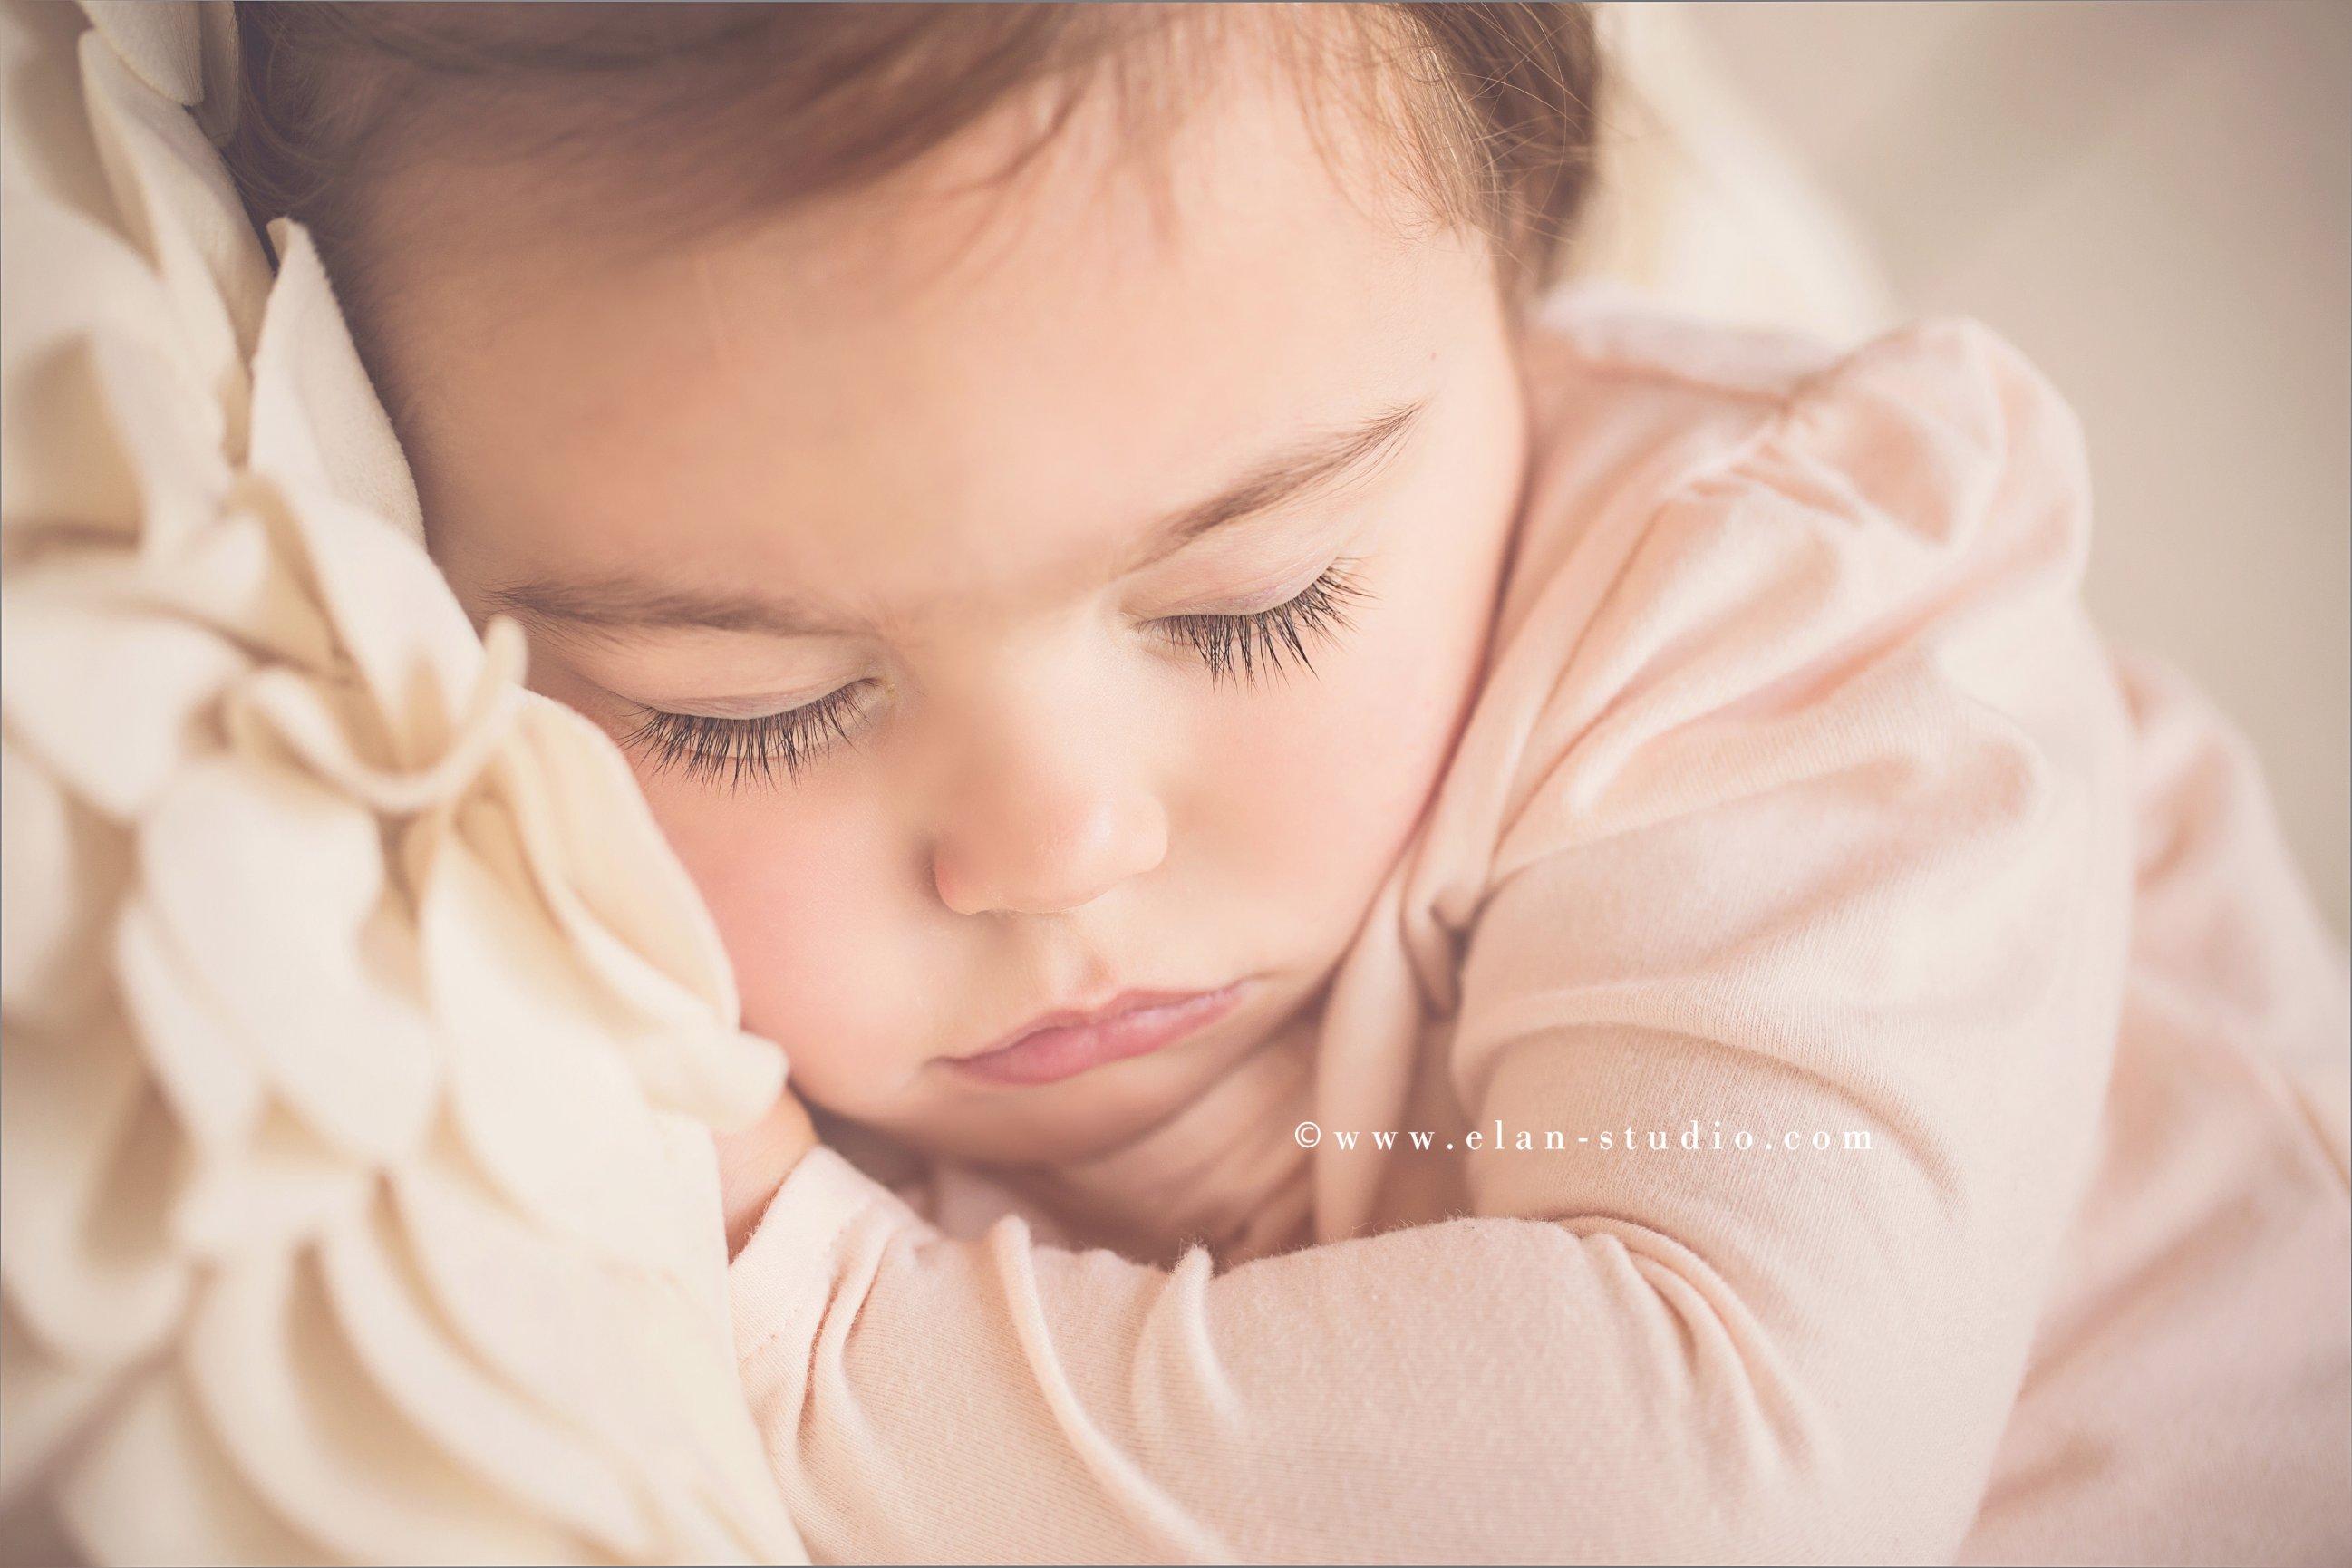 sleeping baby with long eyelashes